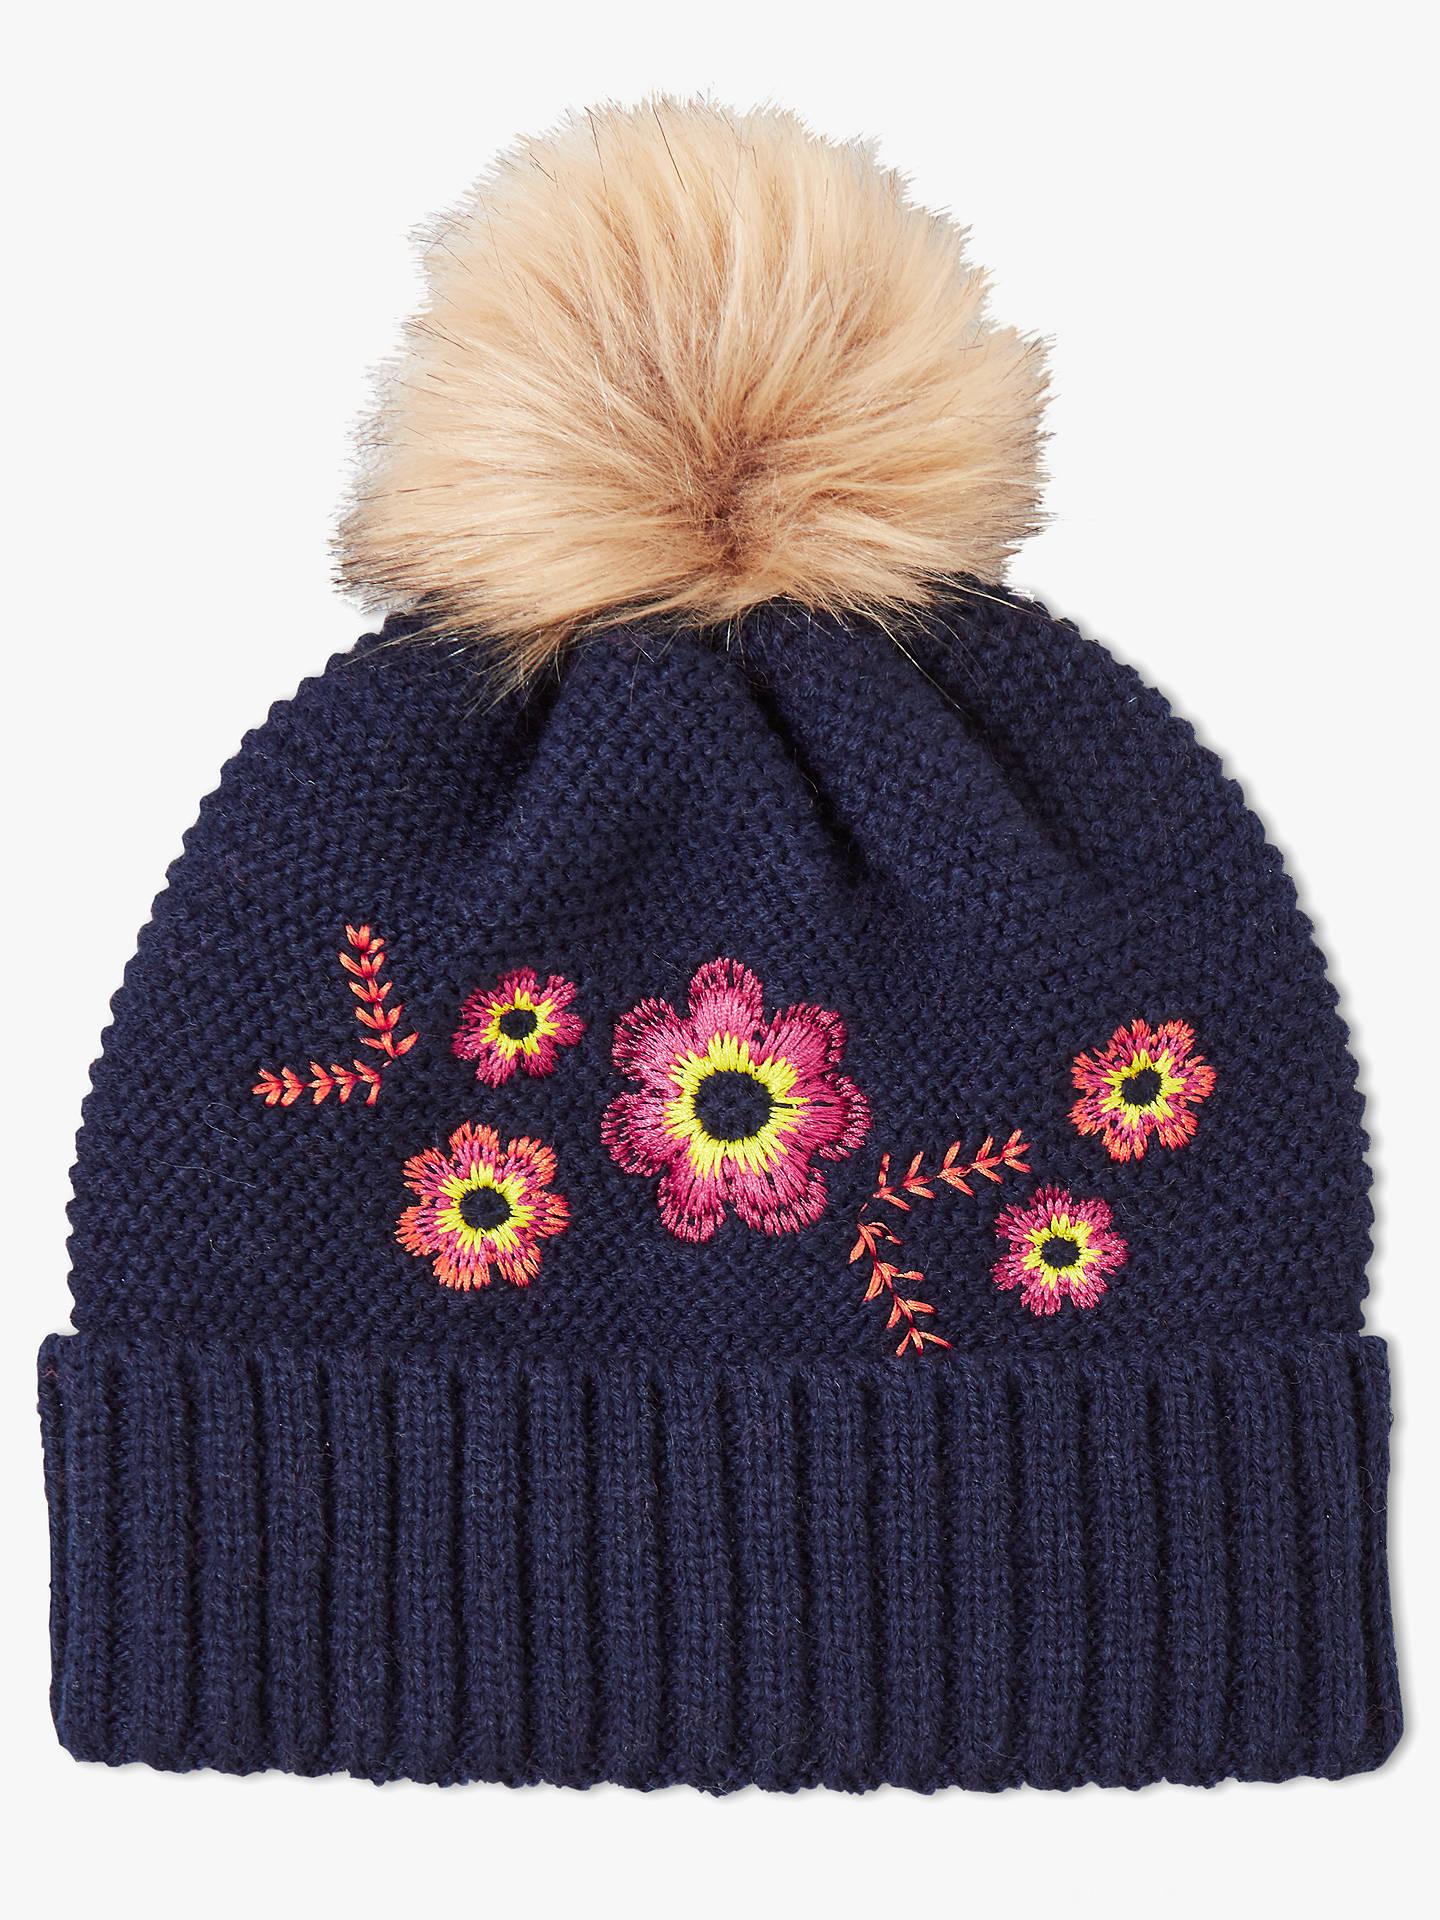 f78c6eda16d Buy John Lewis   Partners Children s Knitted Pom Pom Beanie